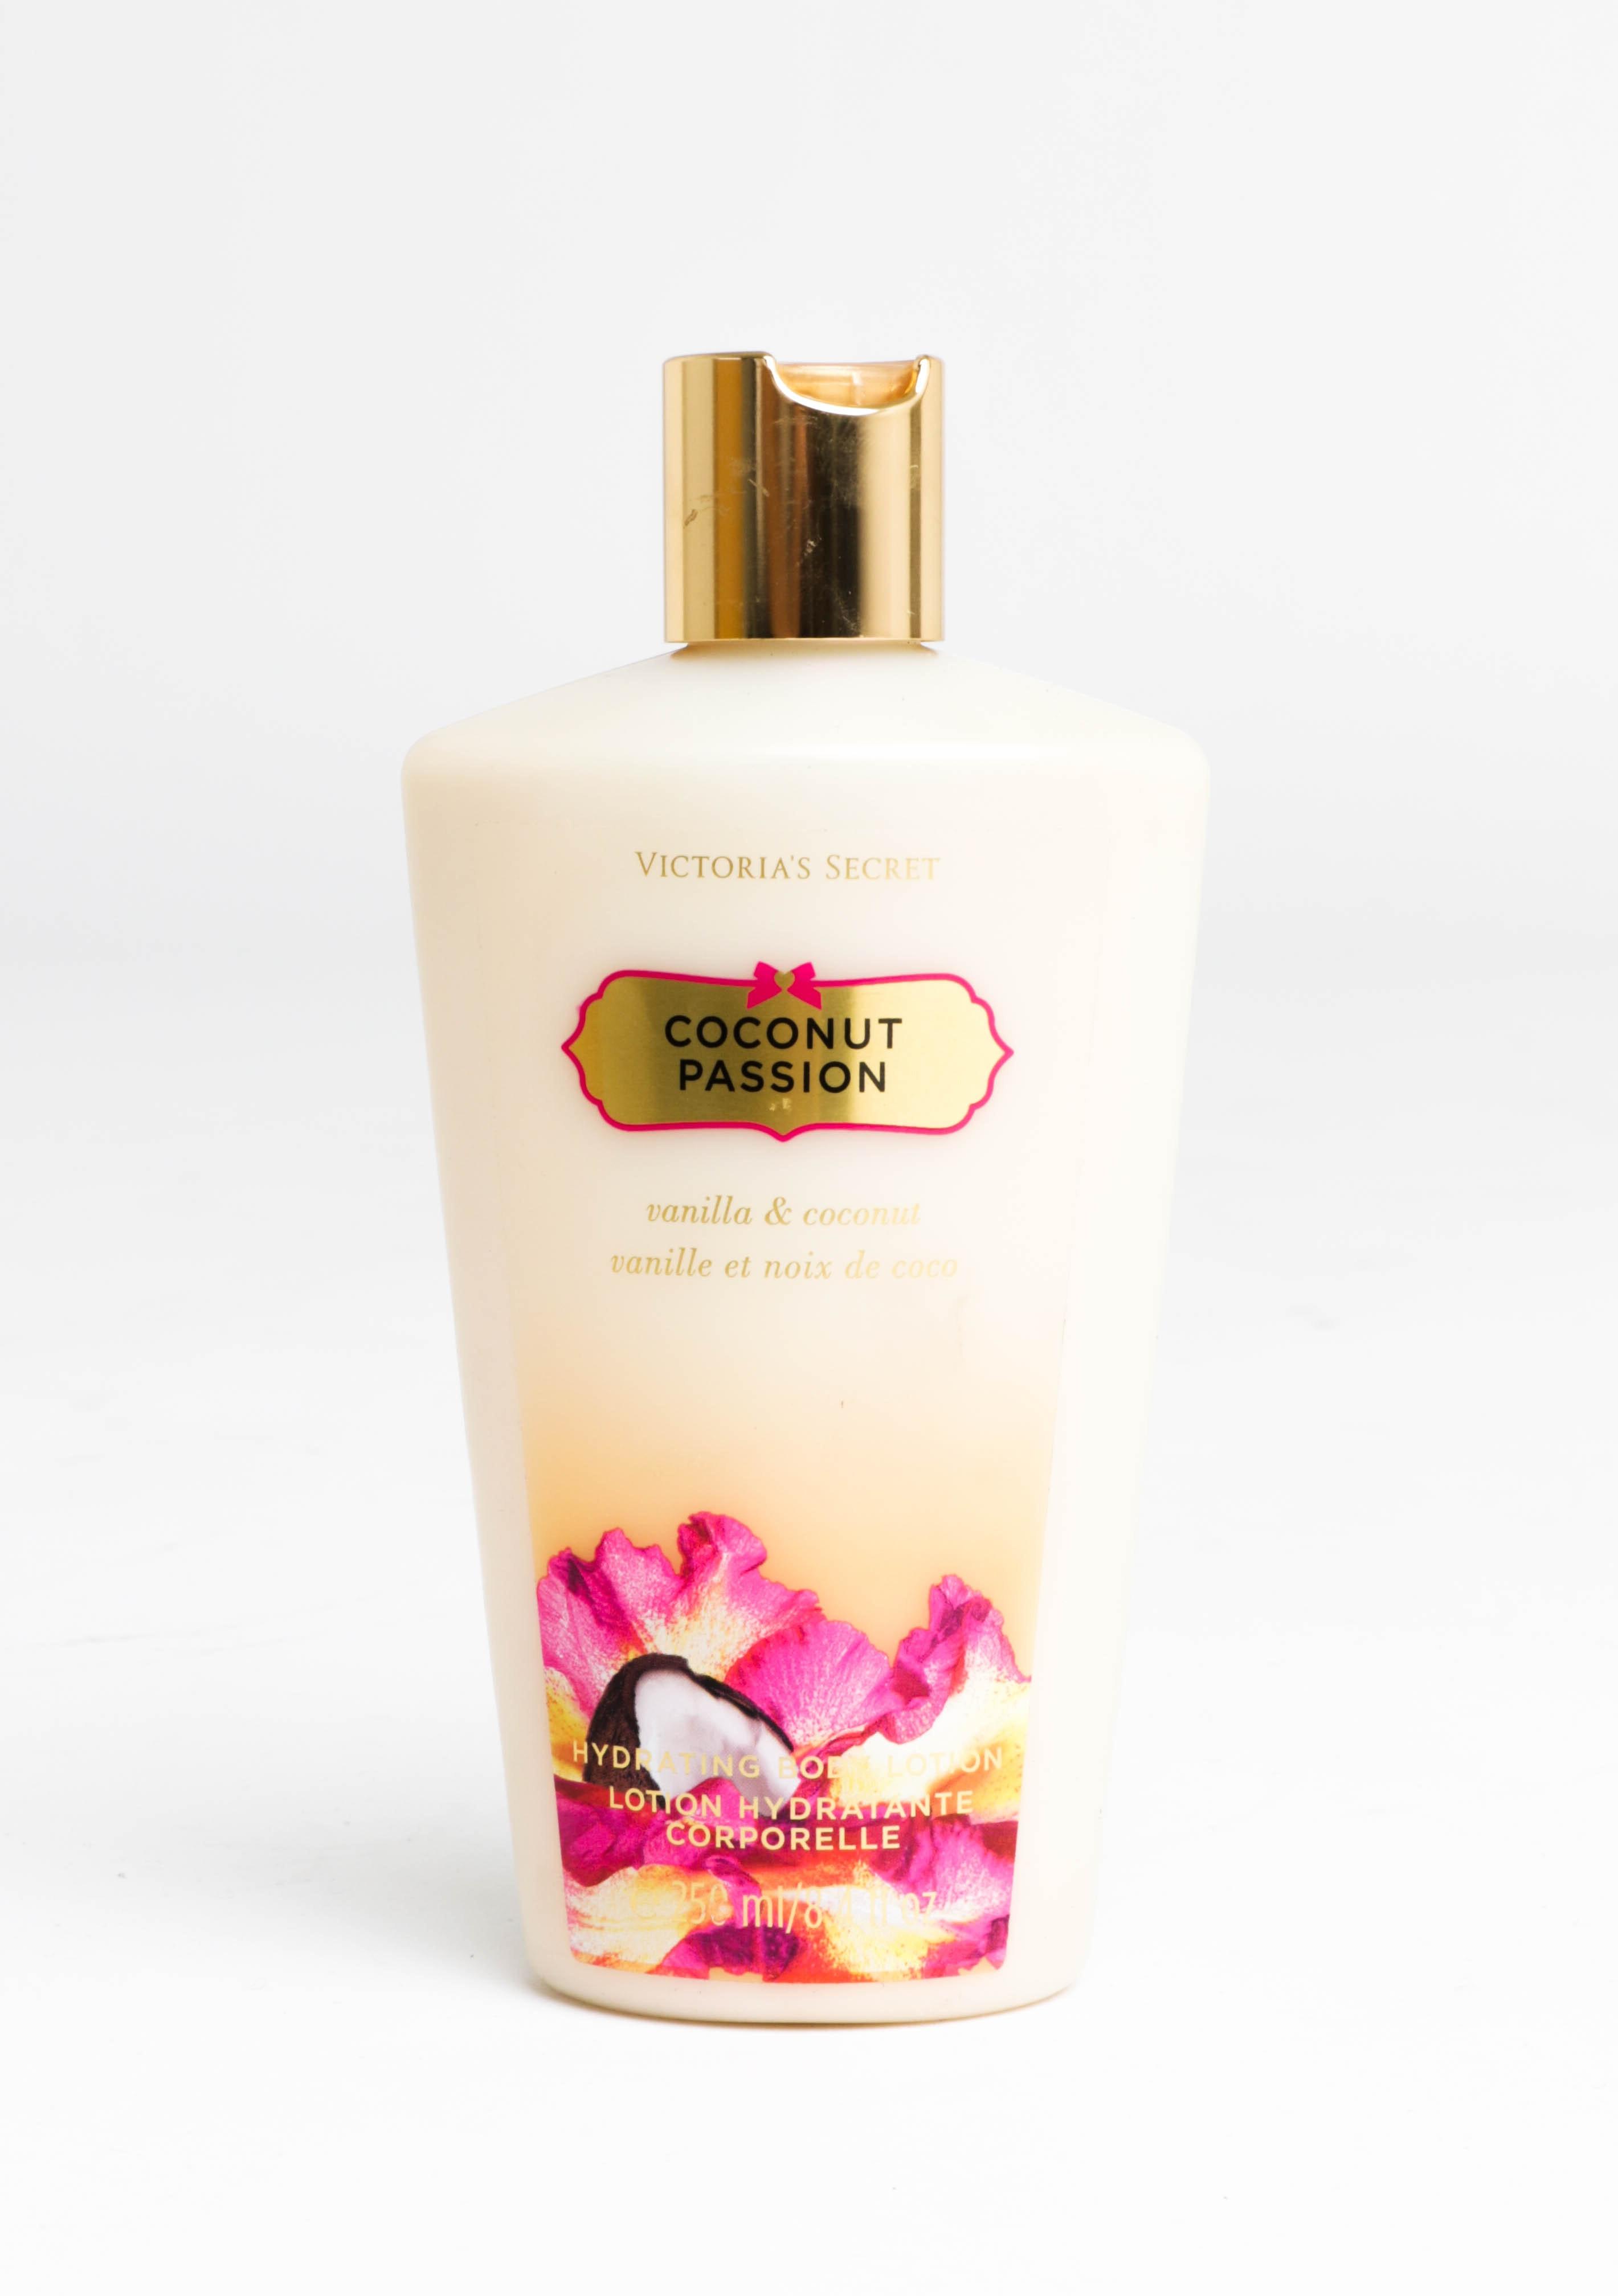 Victoria's Secret Coconut Passion Body Lotion 250ml